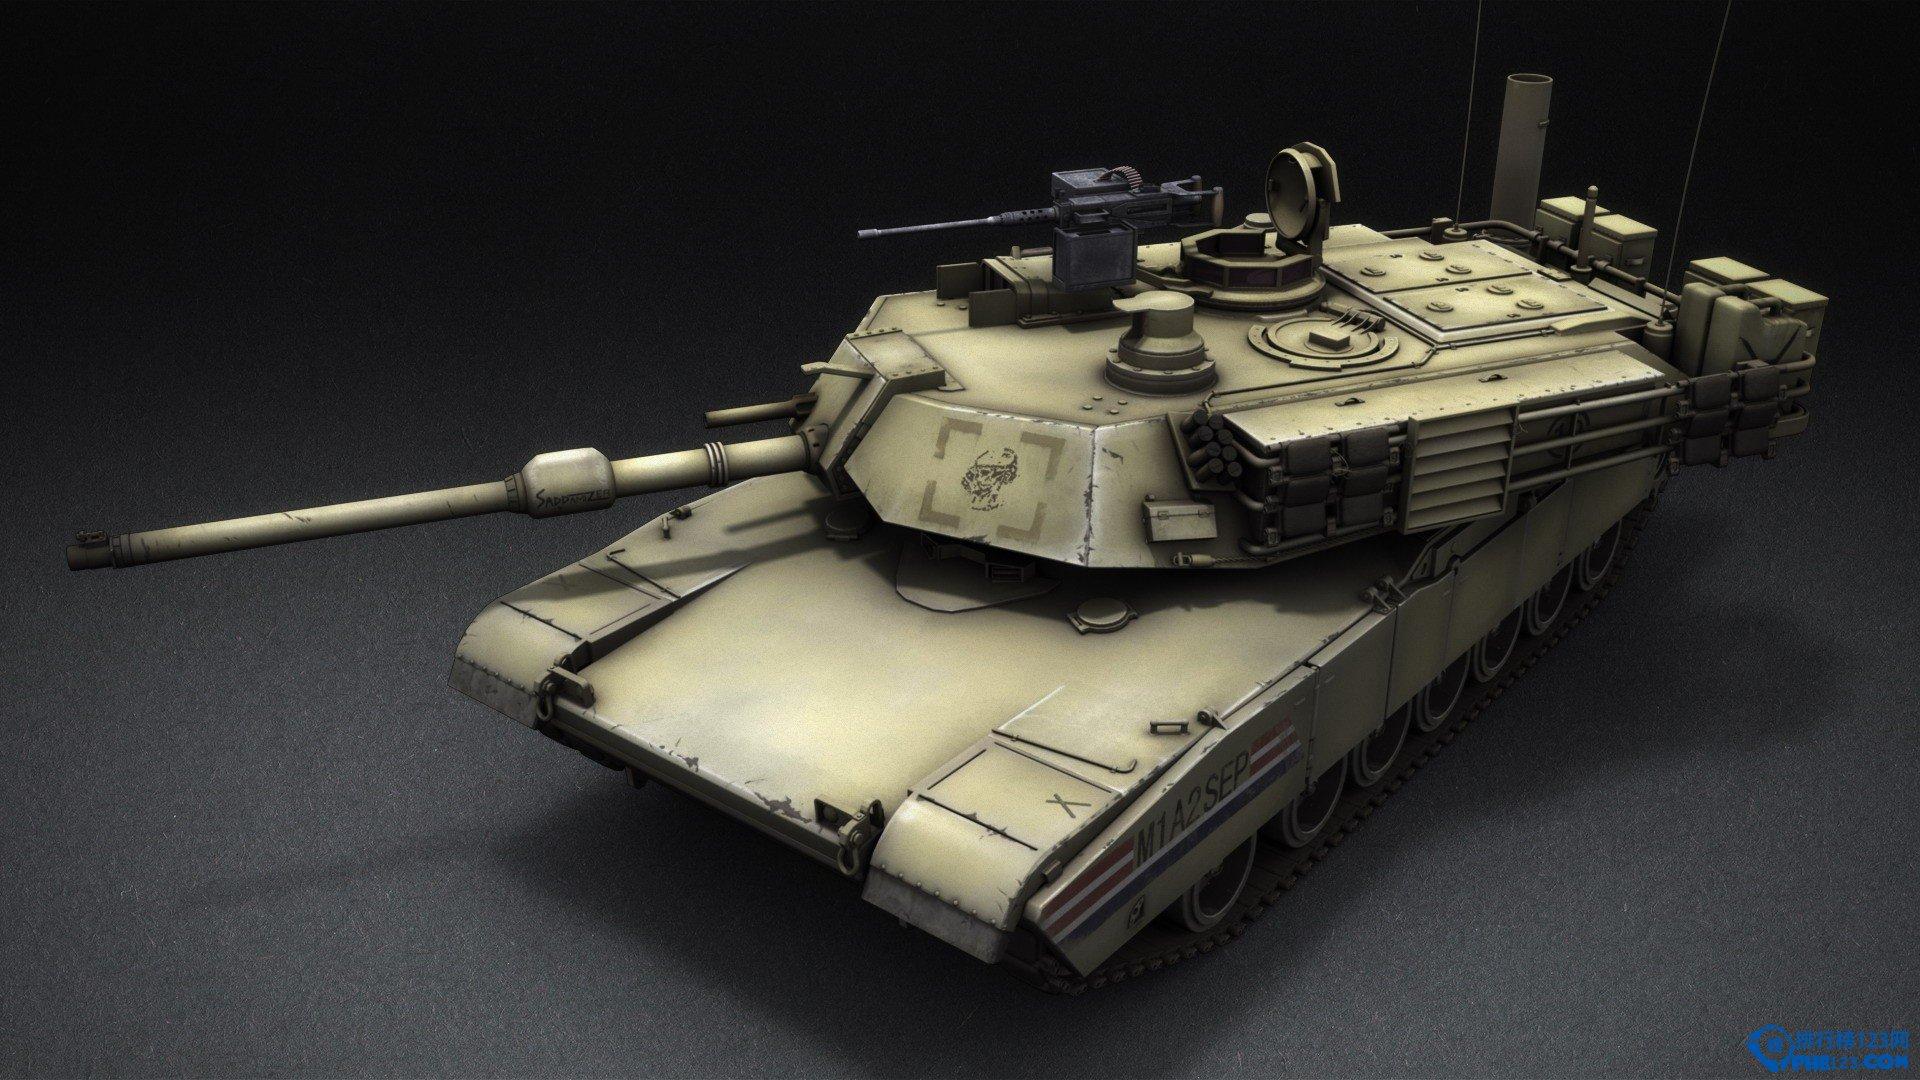 2019十大坦克排行榜 中國兩輛坦克上榜